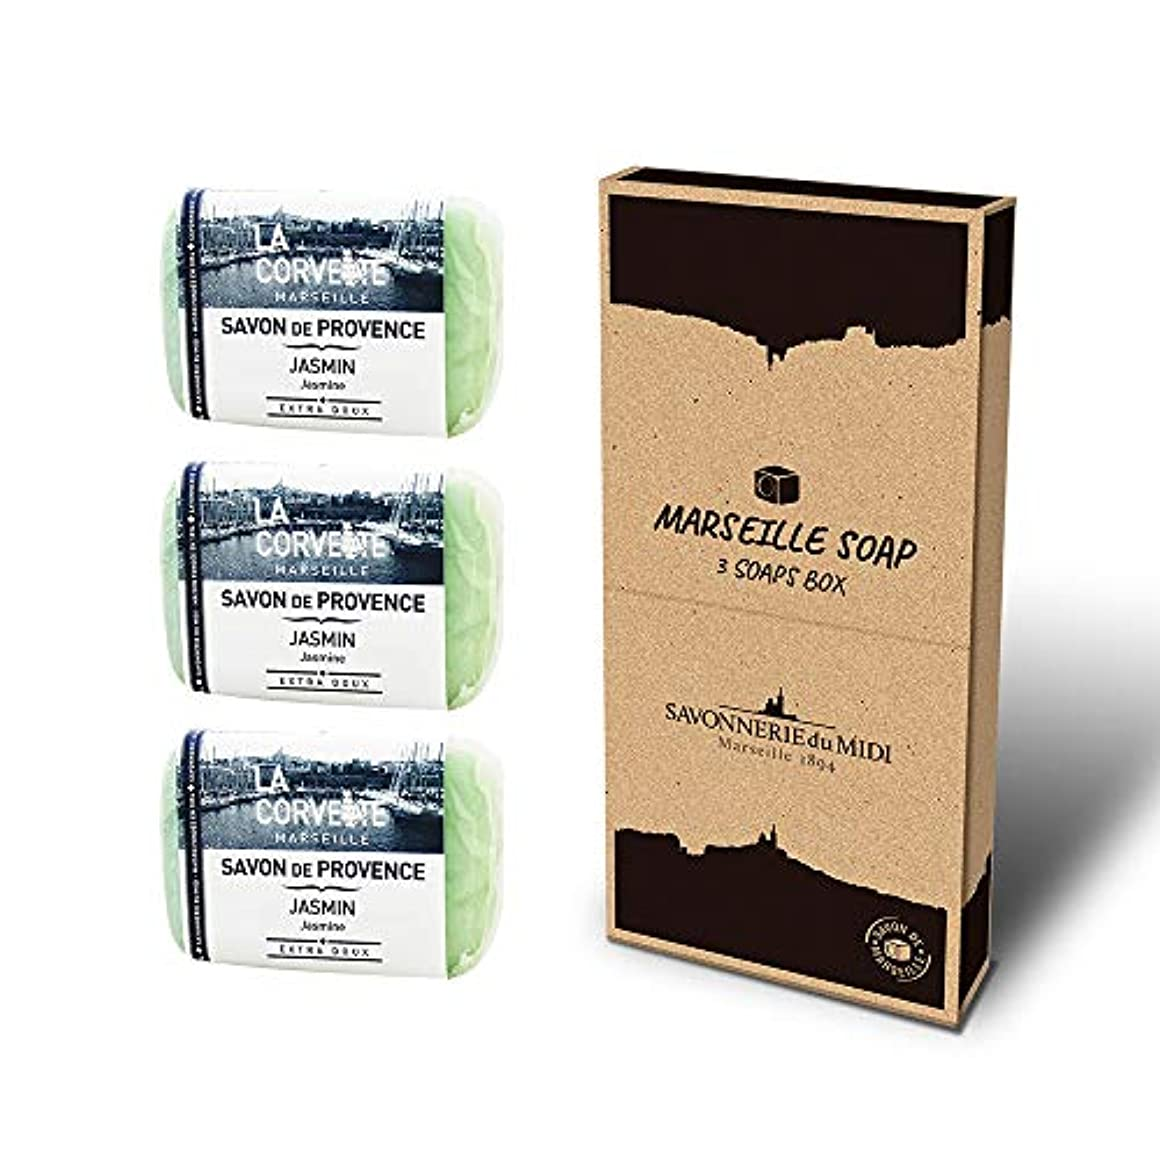 ワードローブシャツスティーブンソンマルセイユソープ 3Soaps BOX ジャスミン